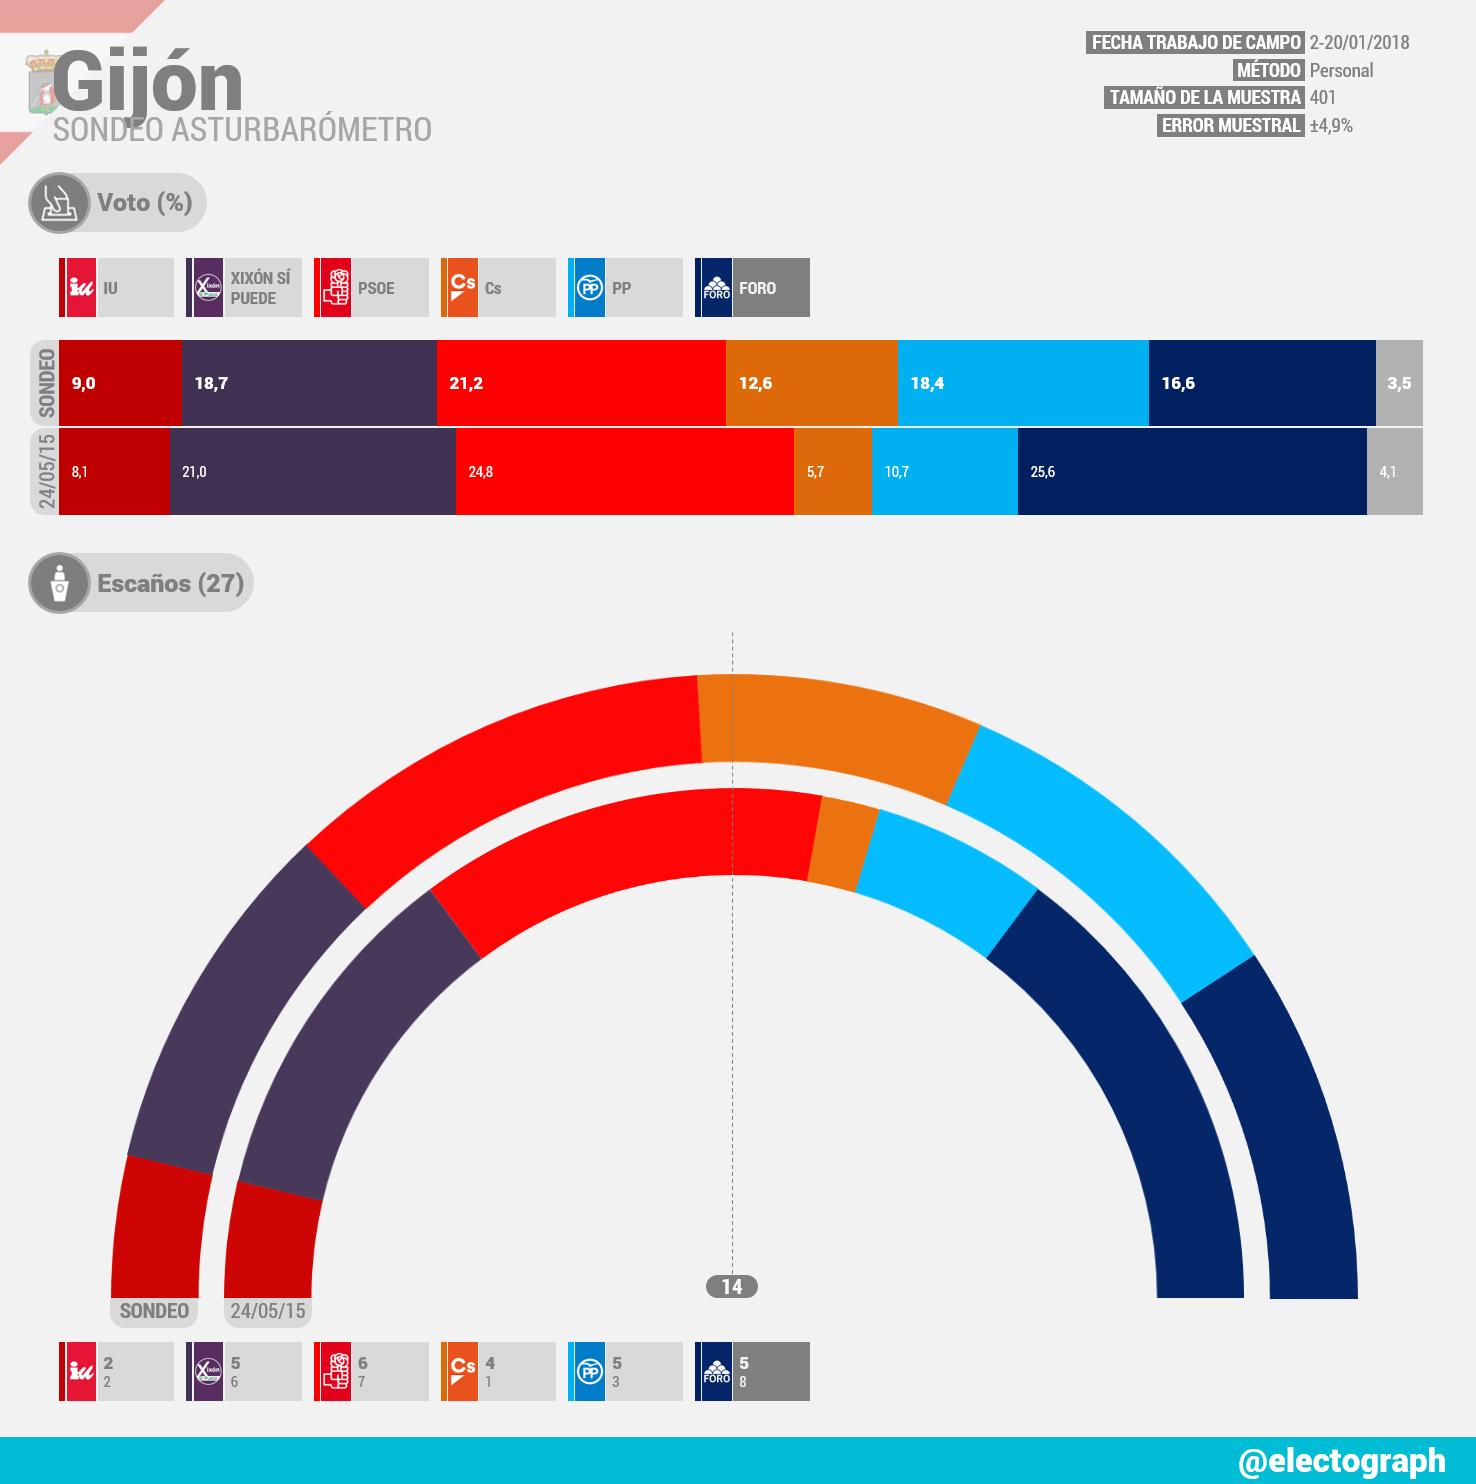 Gráfico de la encuesta para elecciones municipales en Gijón realizada por Asturbarómetro en enero de 2018